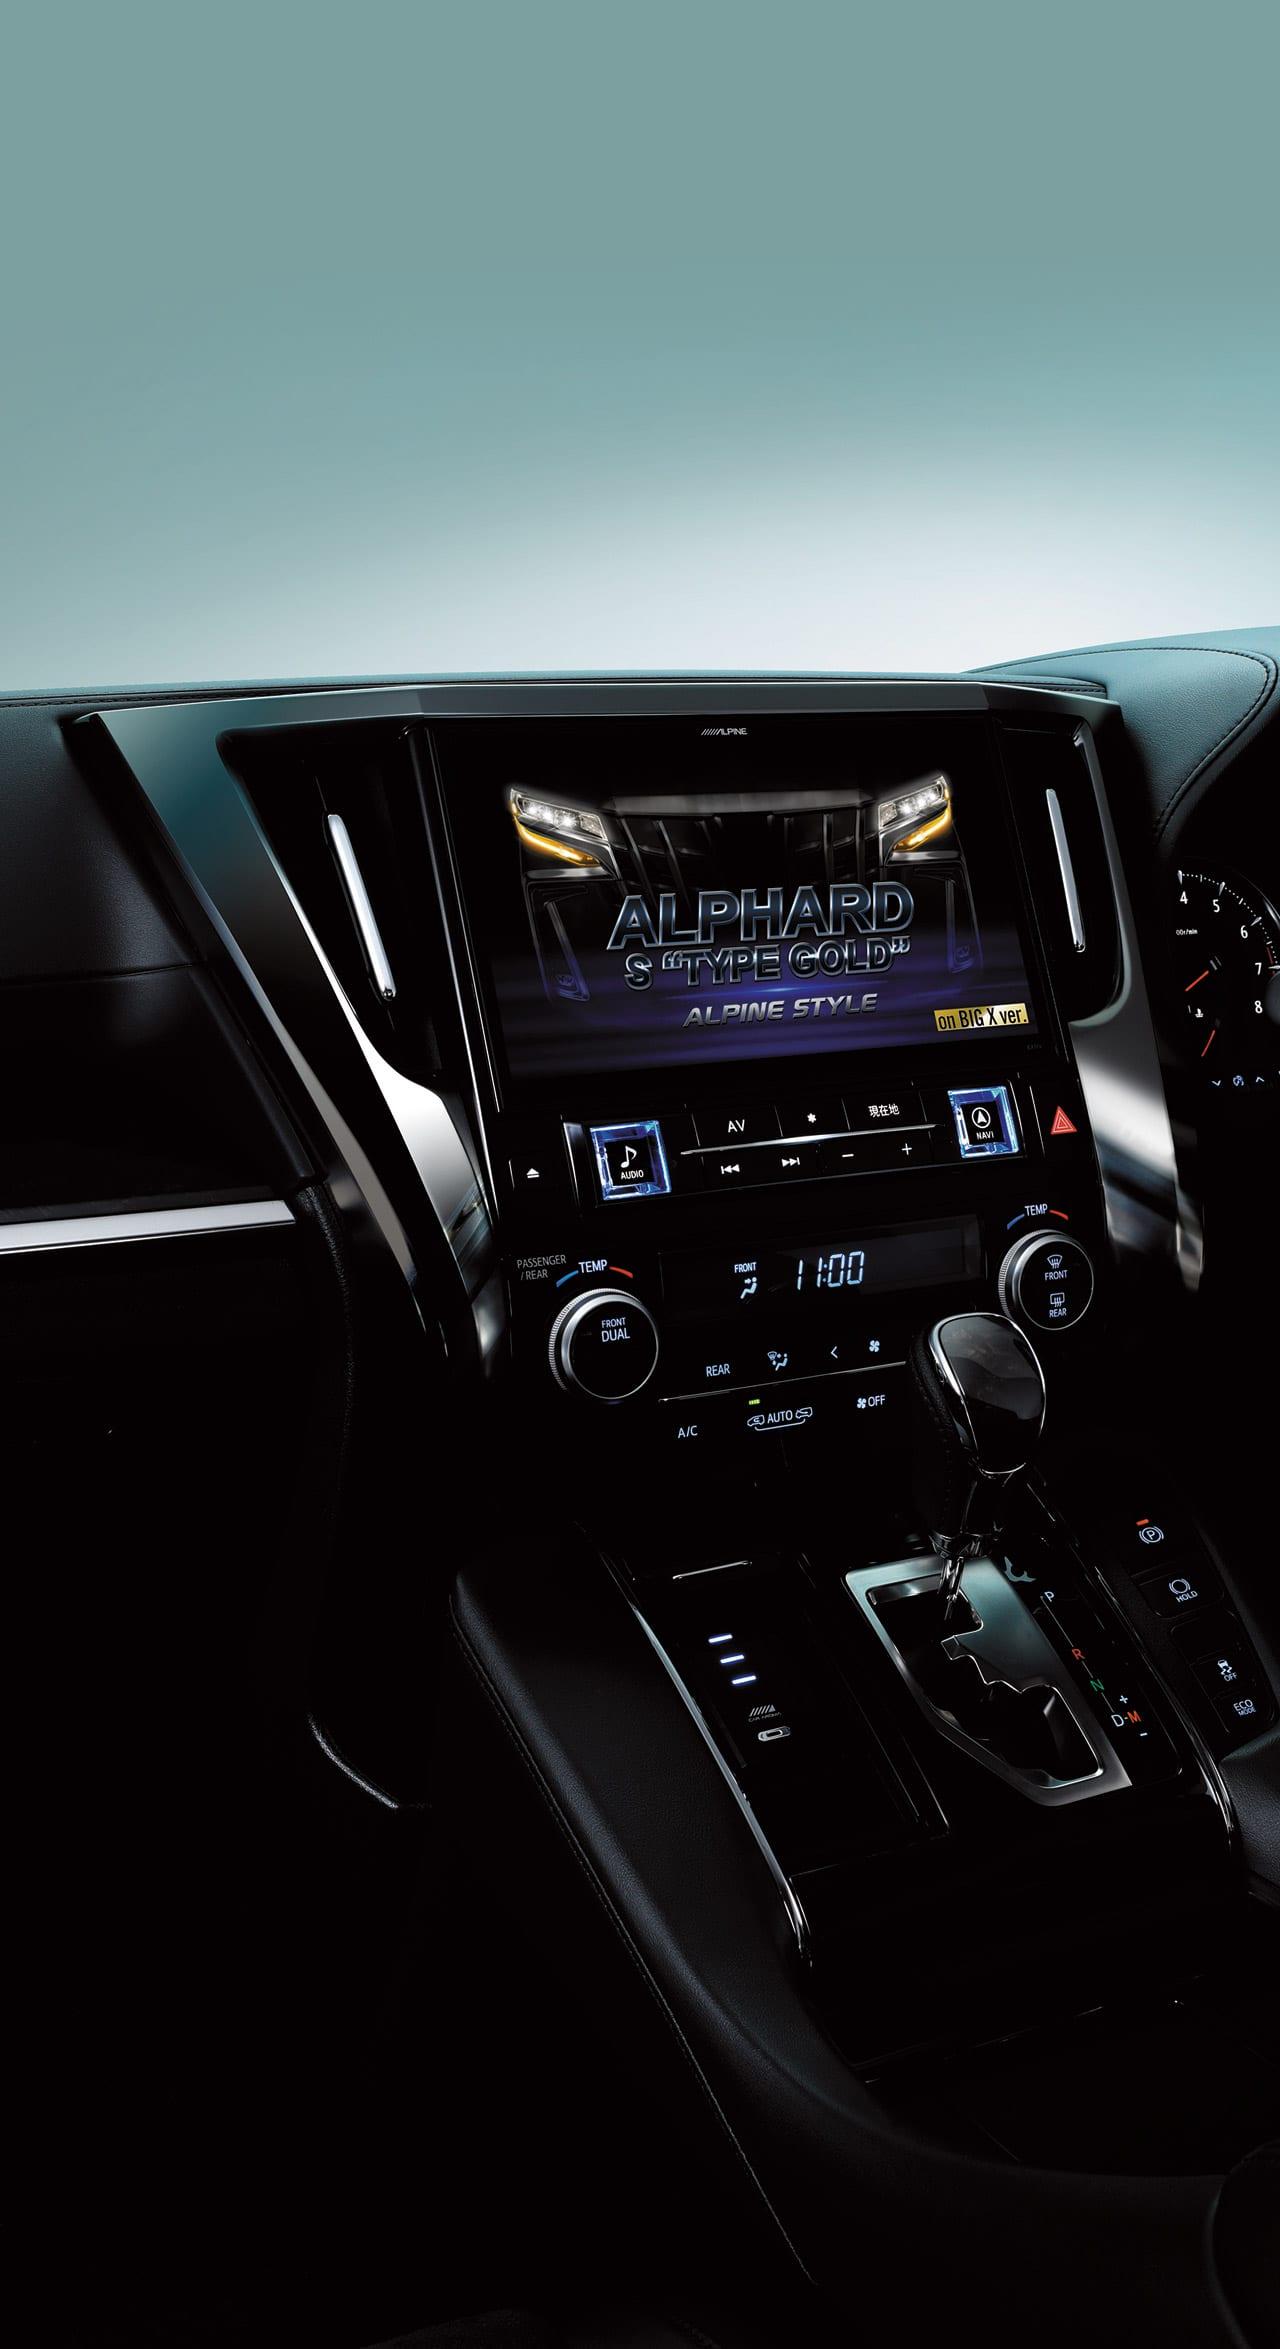 新車からBIG X!〈トヨタ・アルファード&ヴェルファイア〉アルパインスタイルの 新車コンプリートカーなら純正ディスプレイオーディオをBIG Xに変更可能!!|ALPINE STYLE